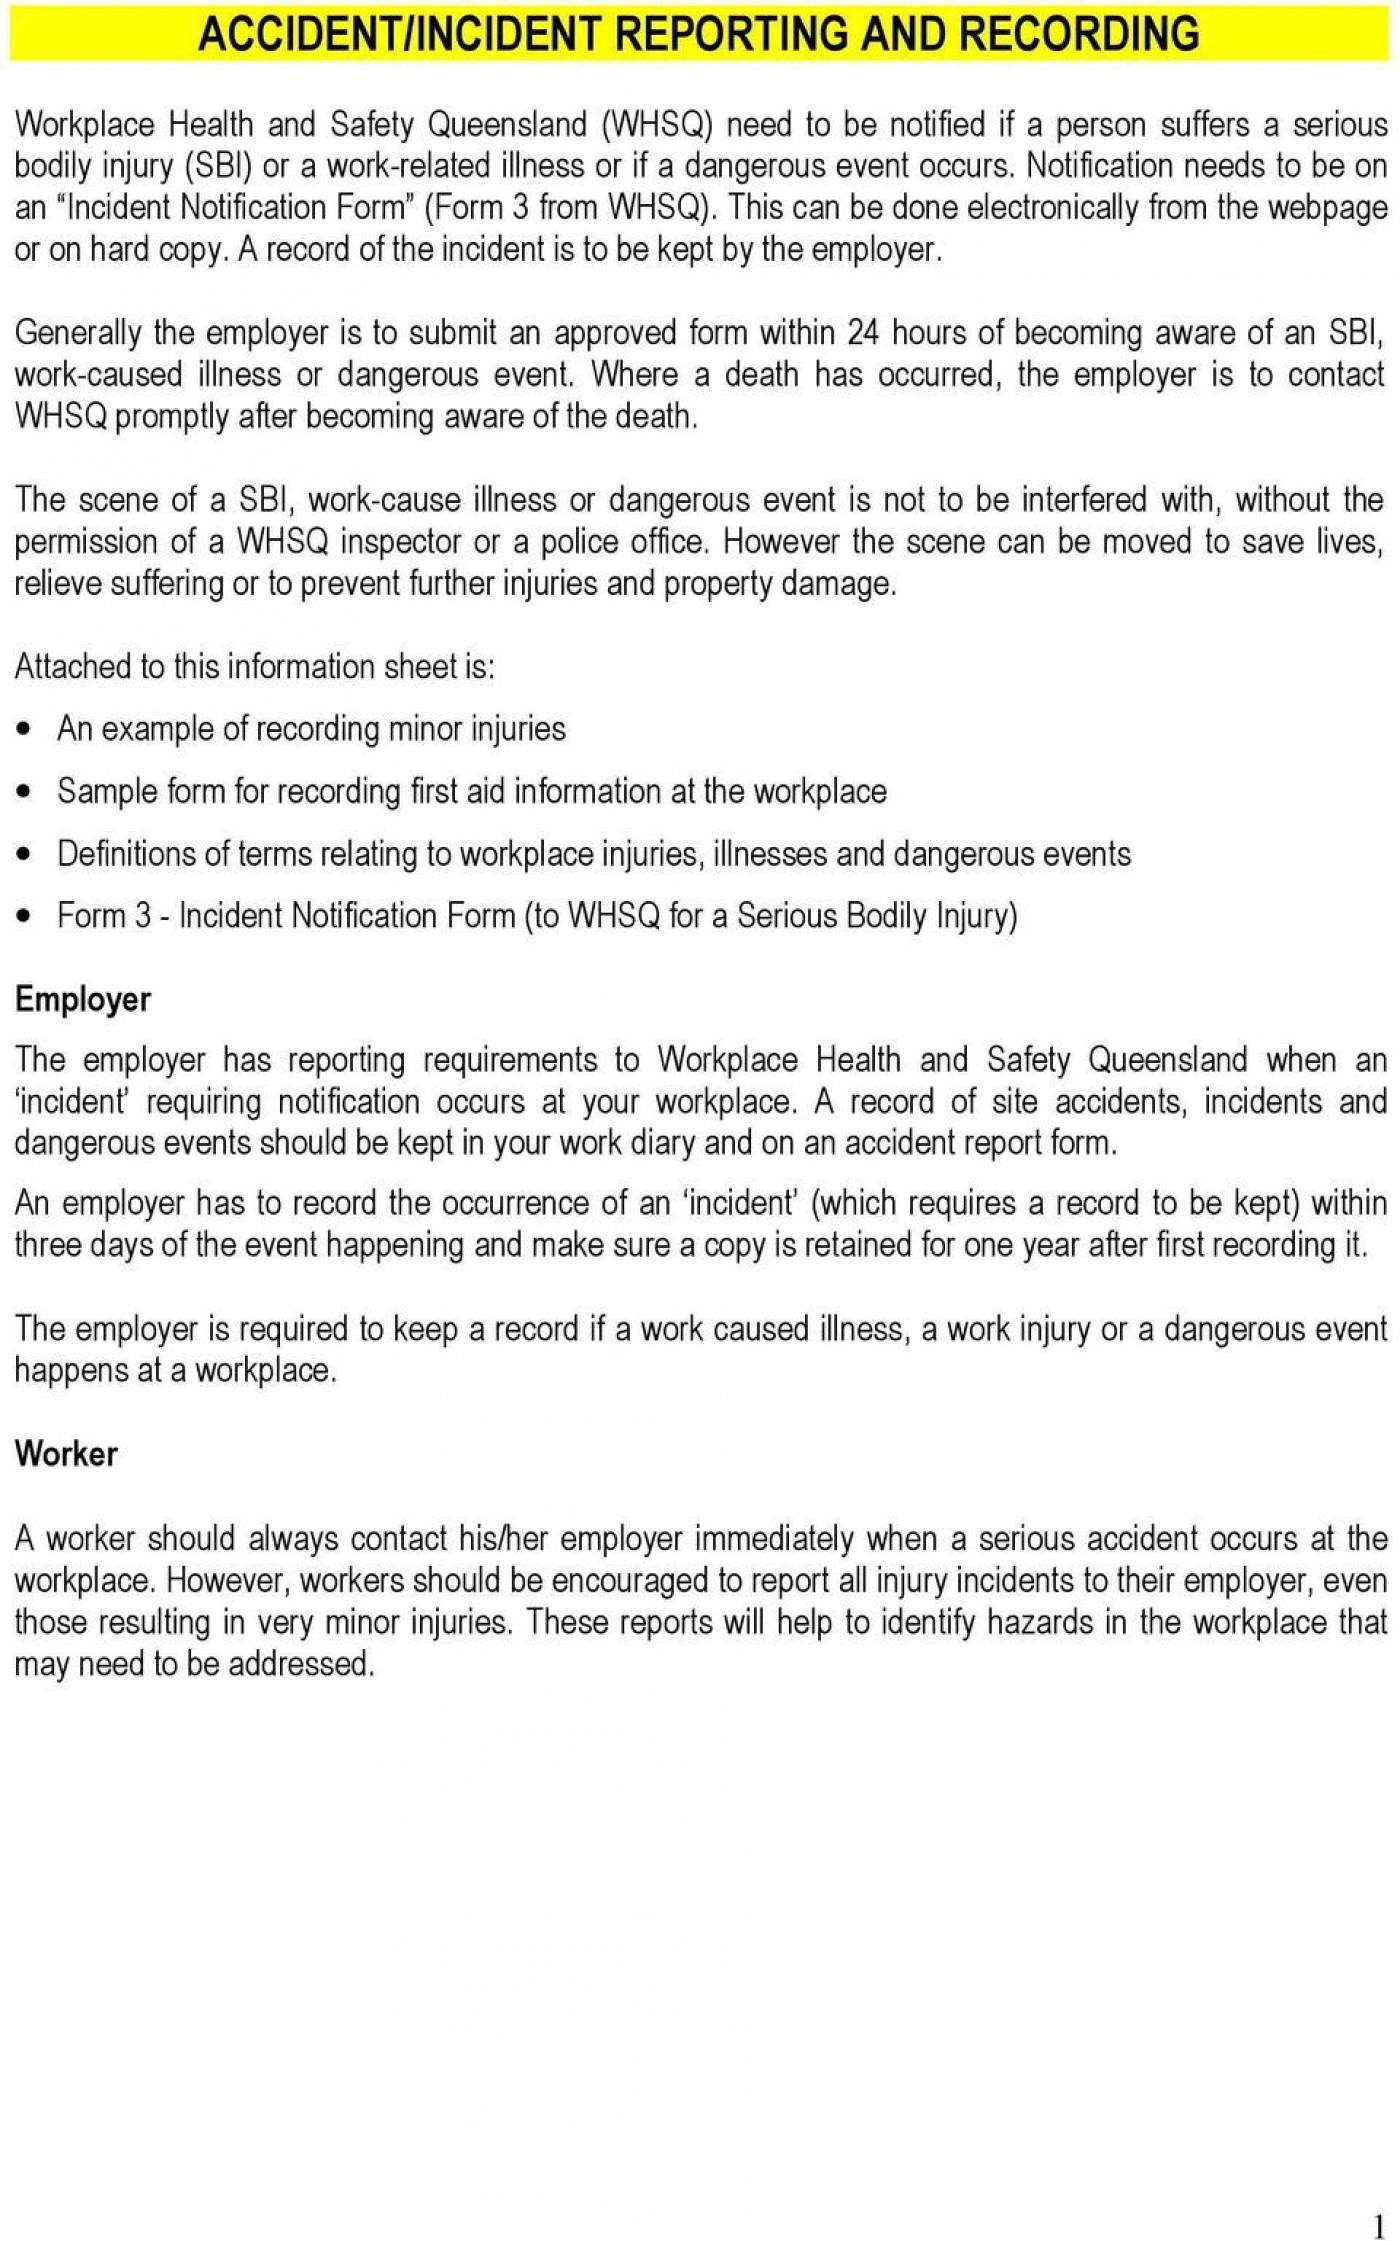 007 Impressive Workplace Incident Report Form Western Australia Idea 1400